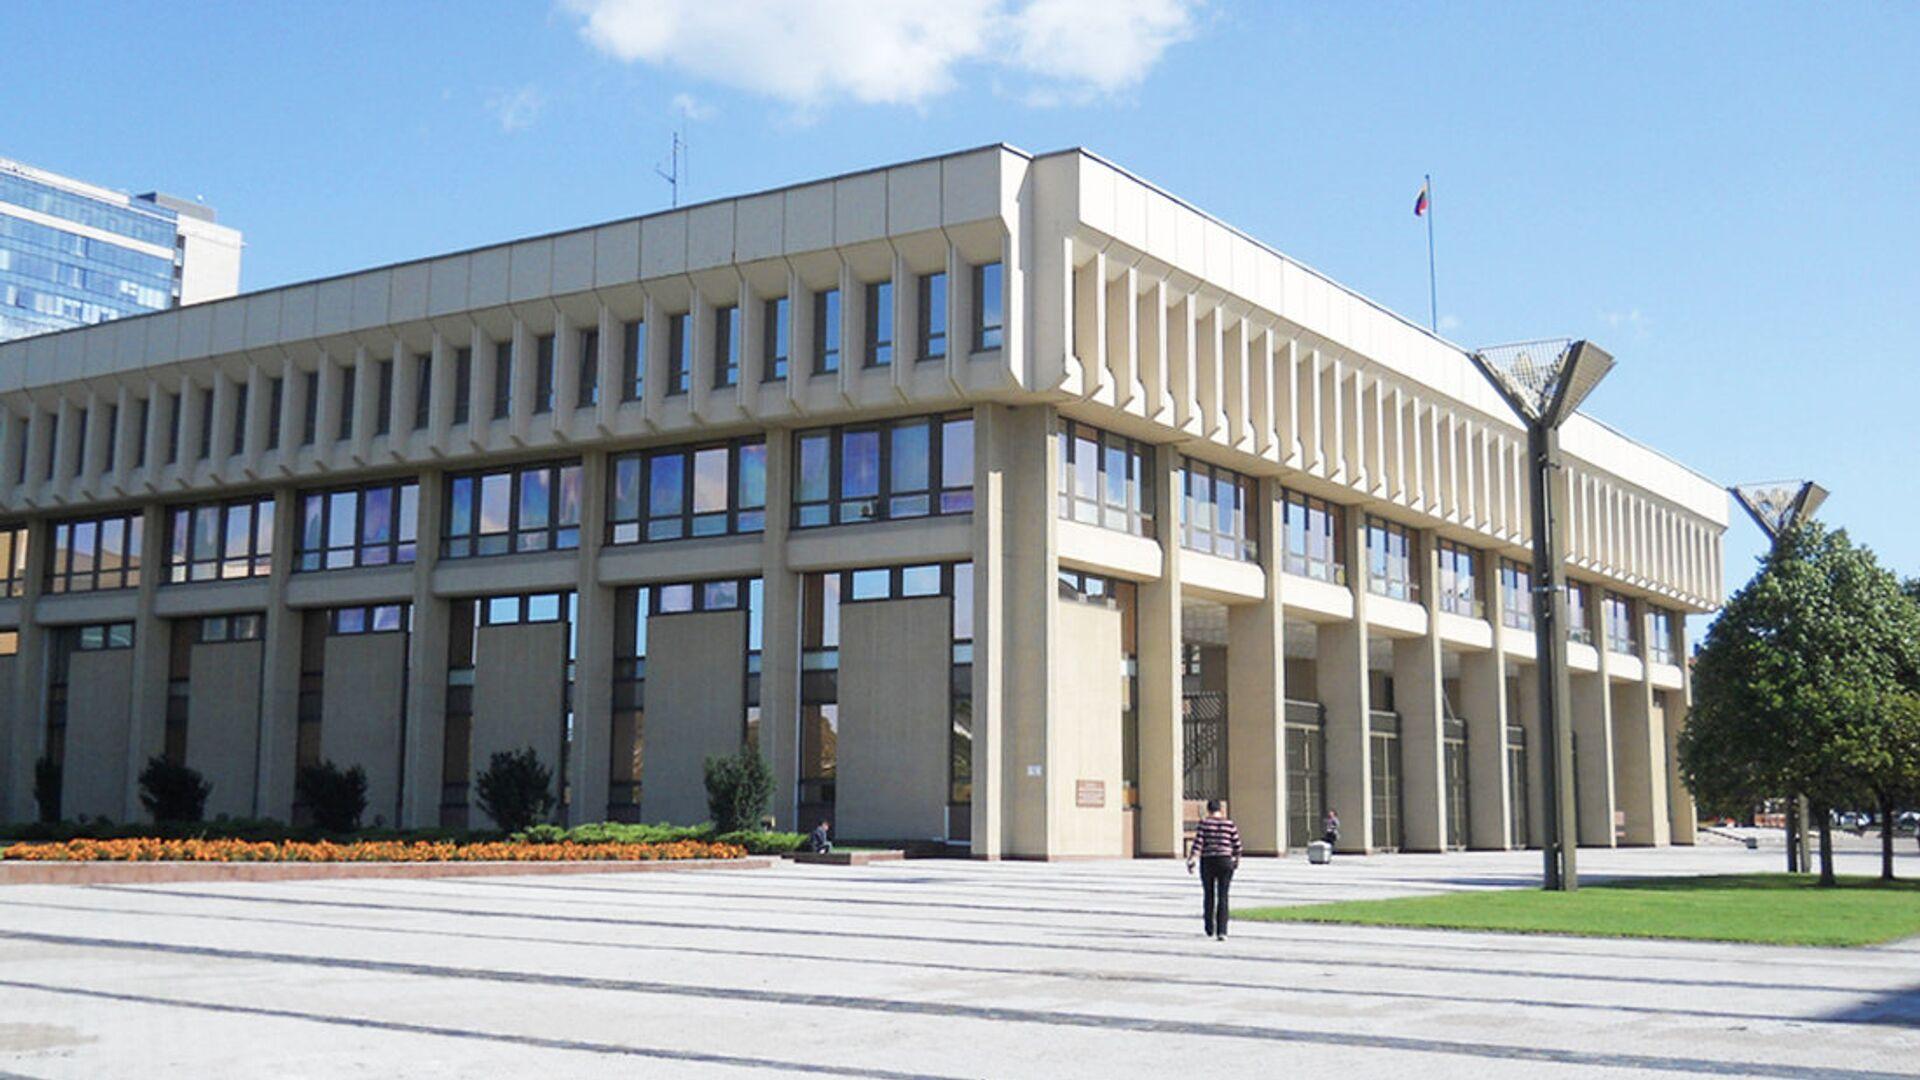 Сейм Литовской Республики в Вильнюсе - РИА Новости, 1920, 10.09.2020